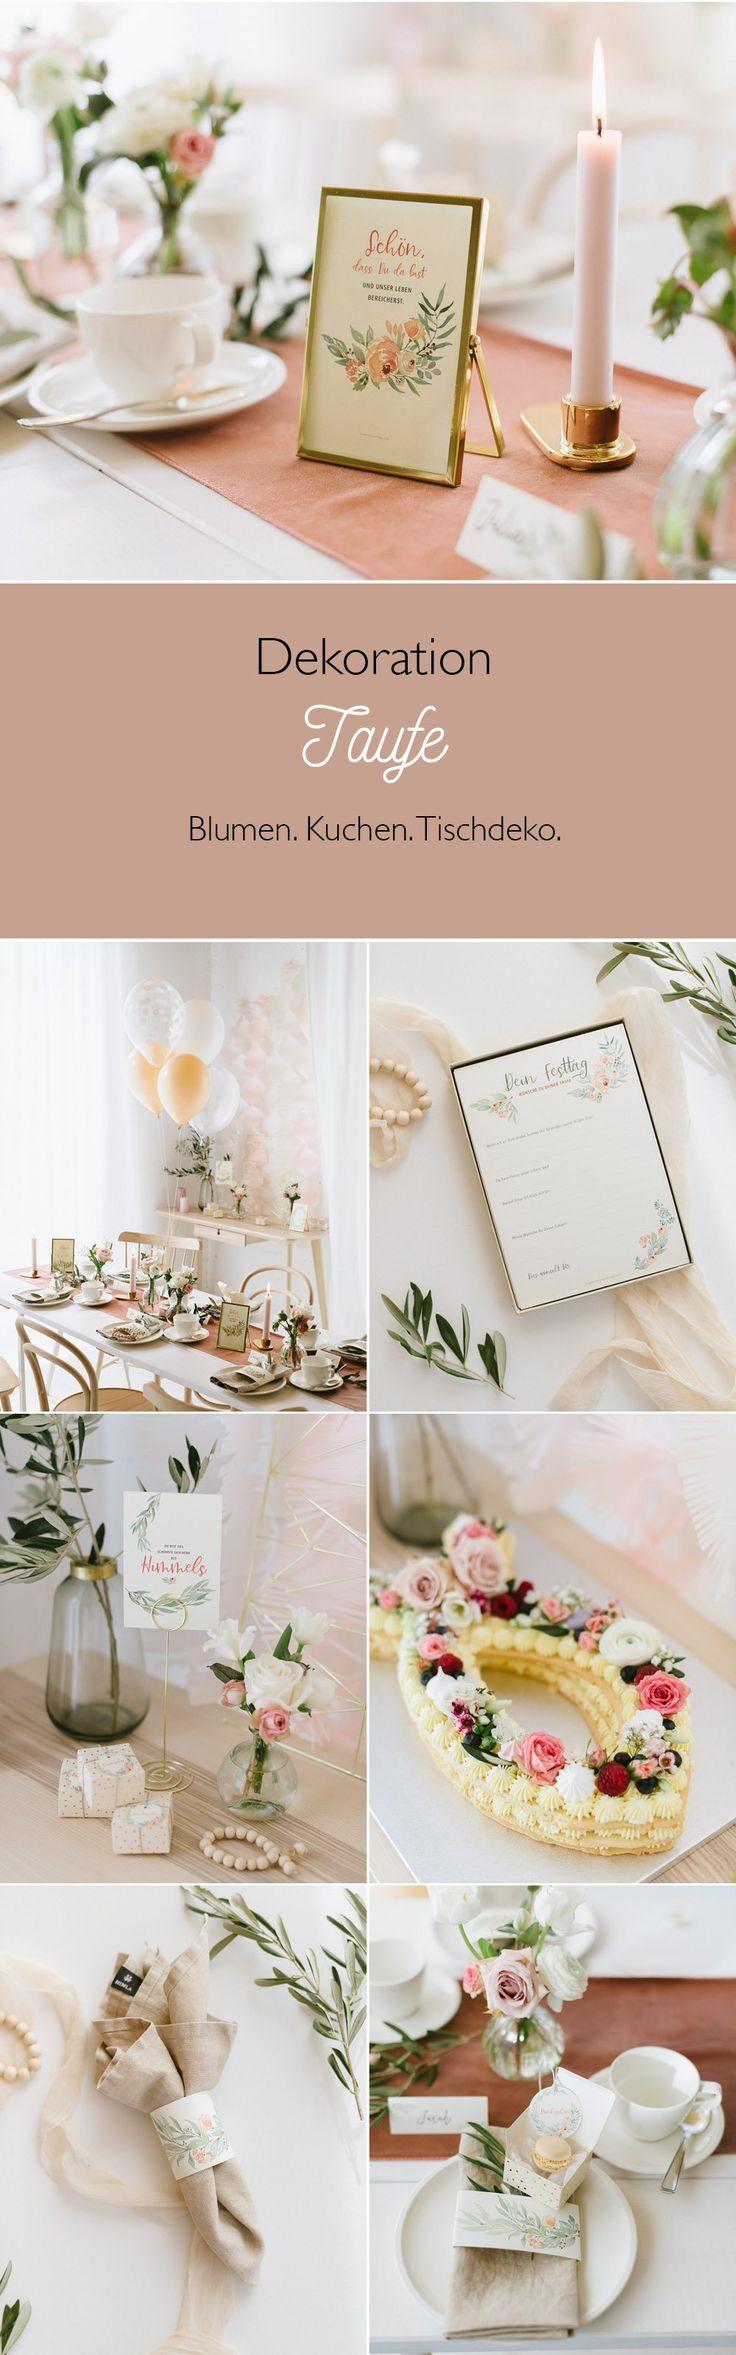 Zarte Blumendekoration für eine Tauf- oder Willkommensparty